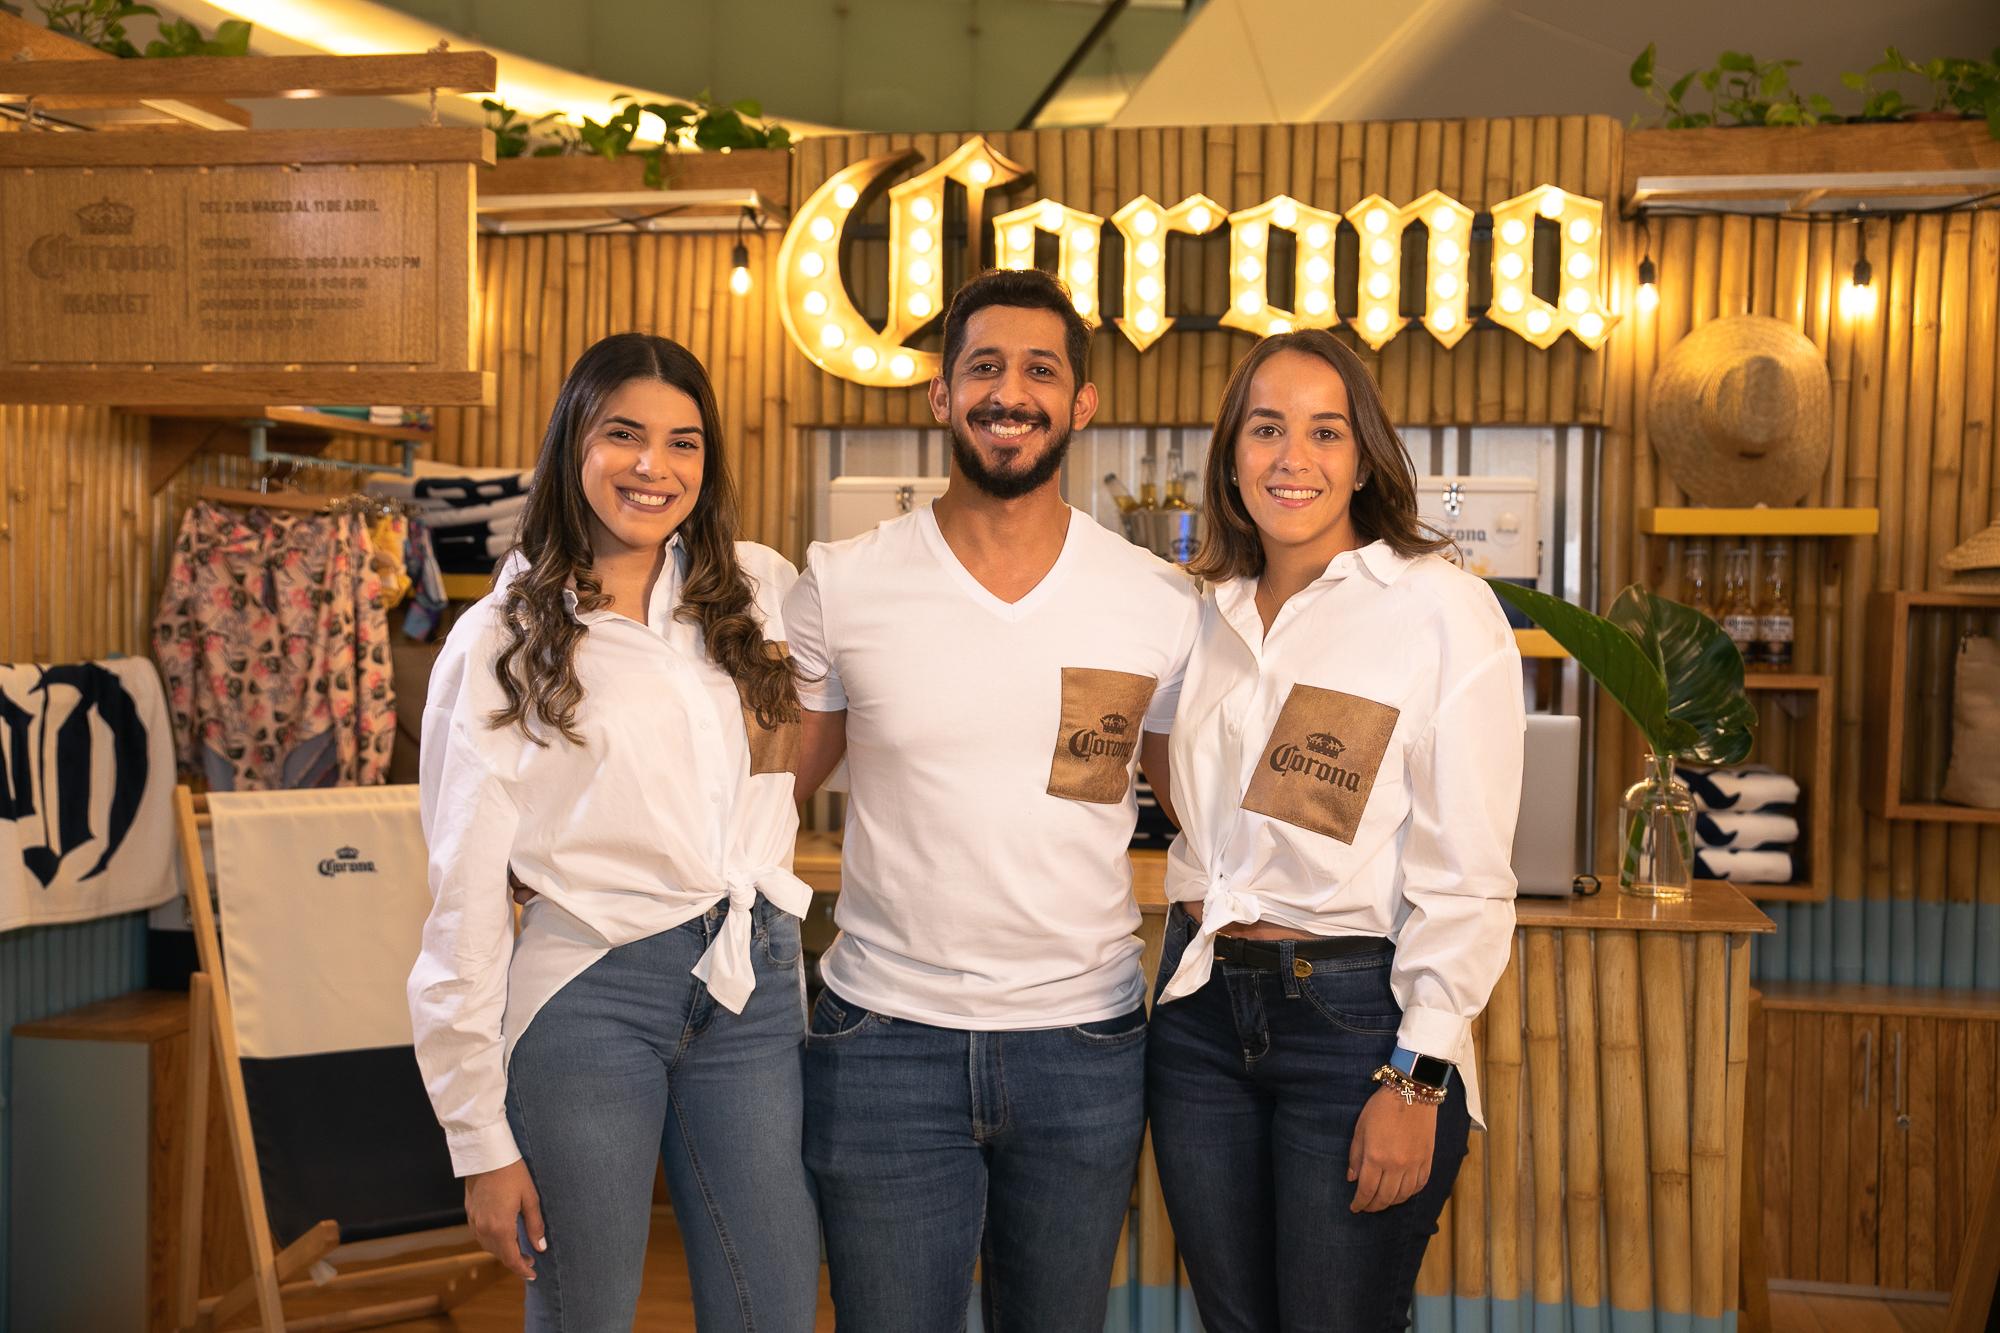 Paola Mancebo, Guillermo Escobar, y Lorén Medrano.